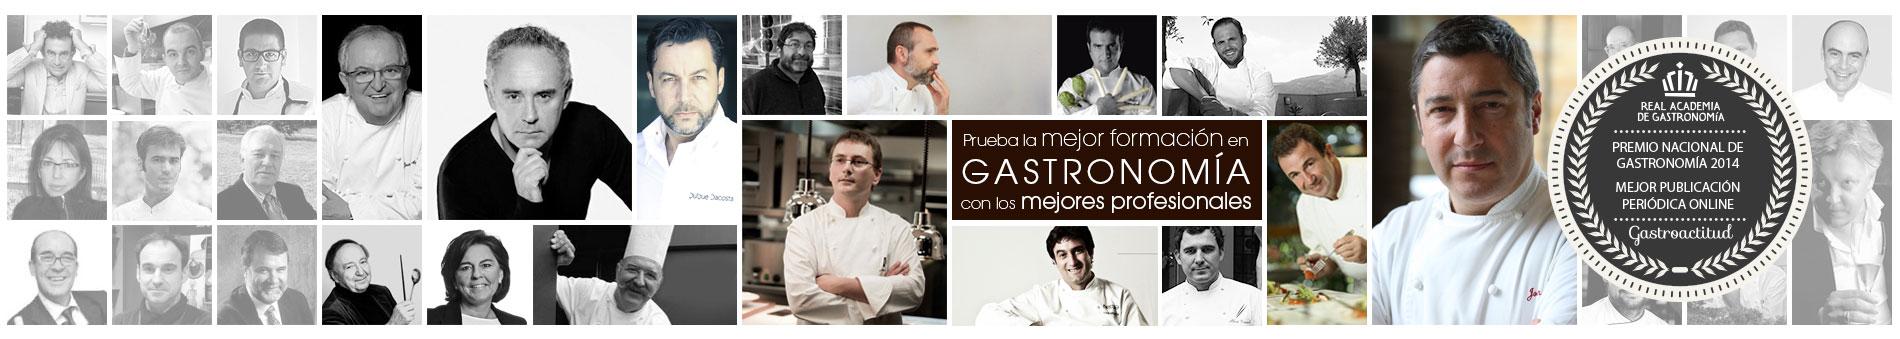 150723164219-banner-formacion-en-gastronomia5